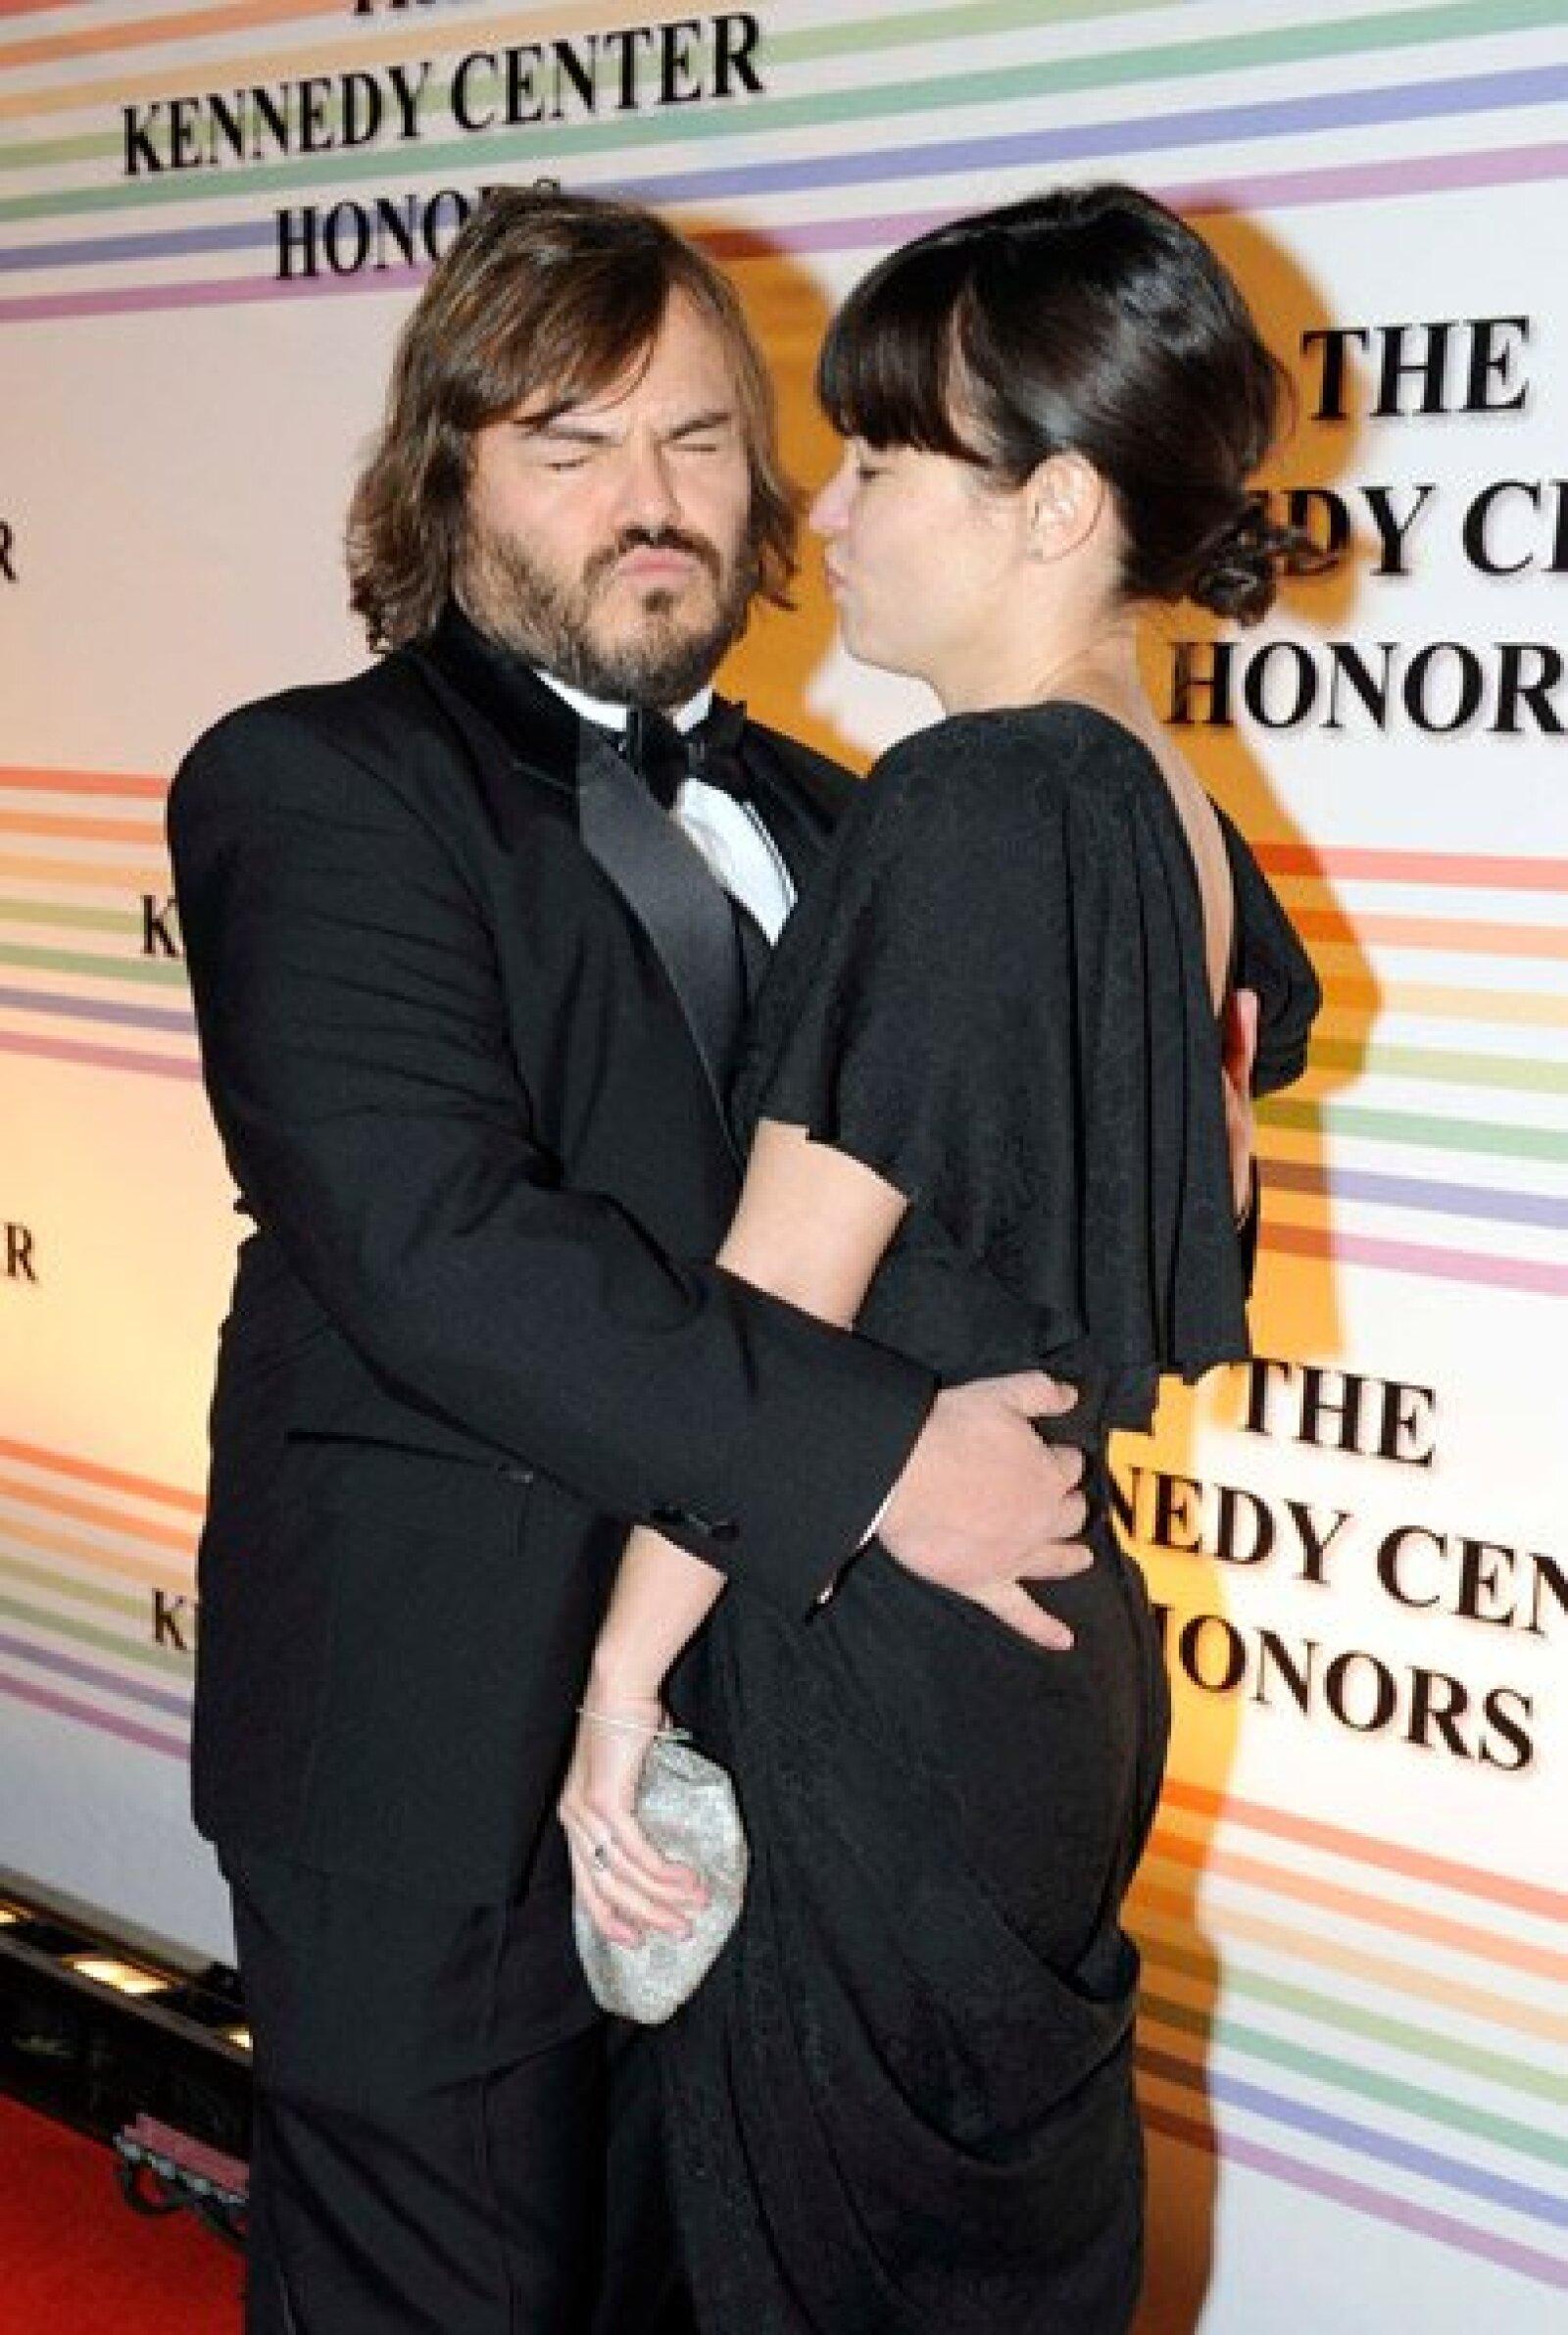 Con muy buen sentido del humor llegó Jack Black, quien hizo caras y gestos por su paso por la alfombra roja, al mismo tiempo que abrazaba a su esposa, Tanya Hayden.